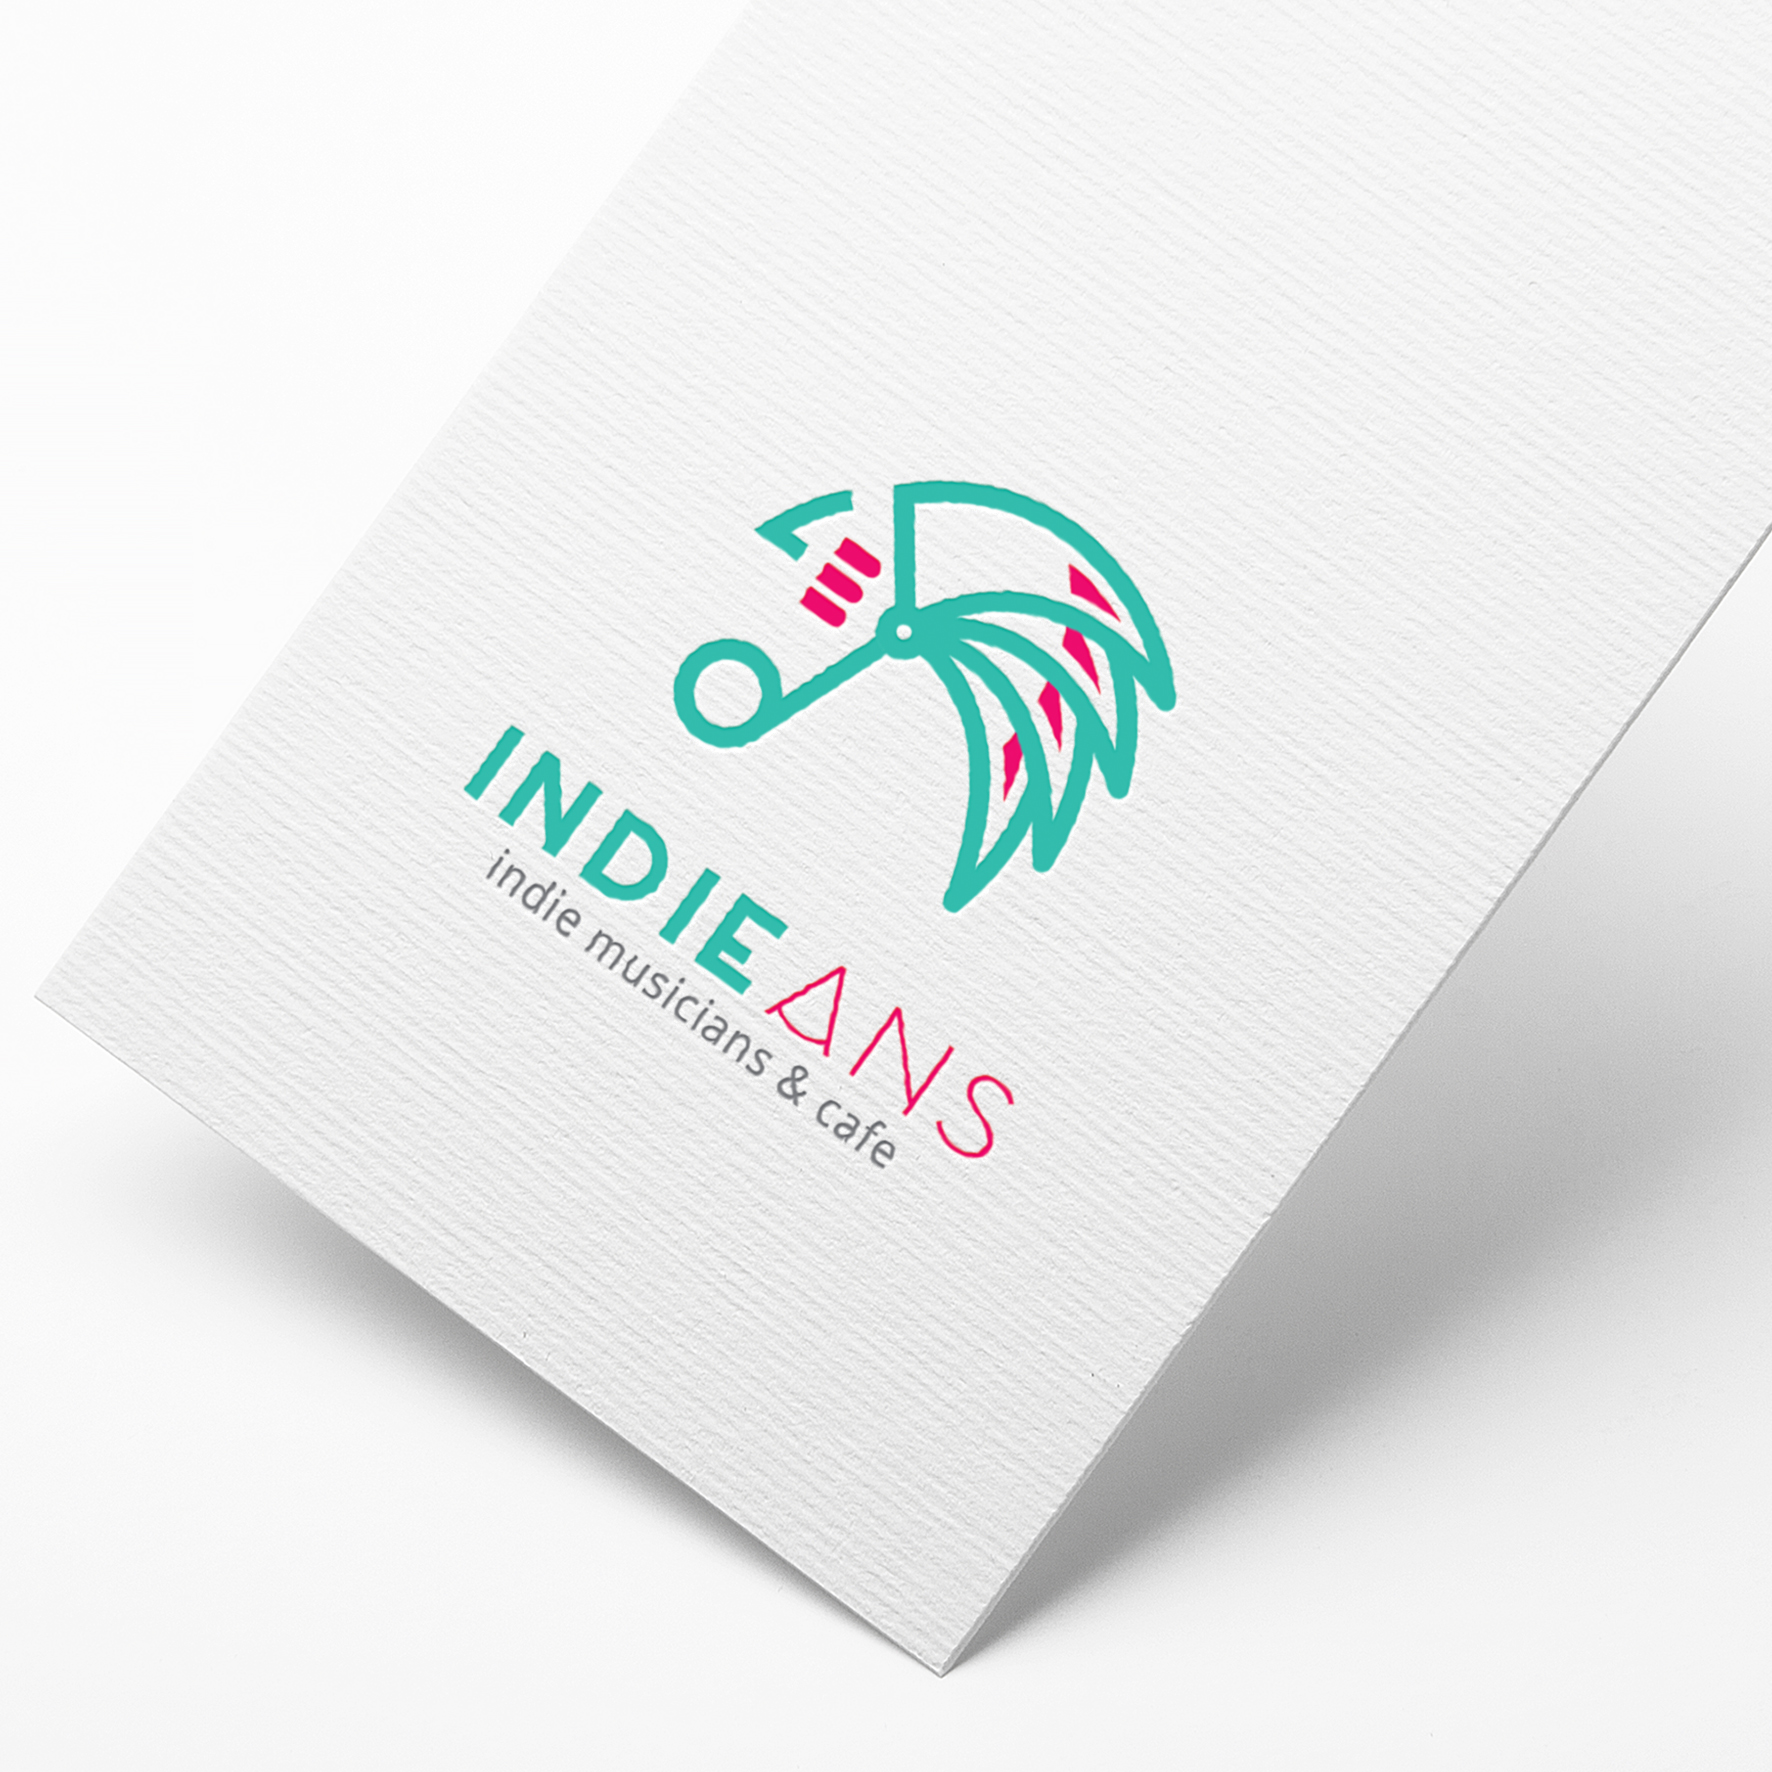 로고 + 명함 | 인디언즈(Indieans... | 라우드소싱 포트폴리오